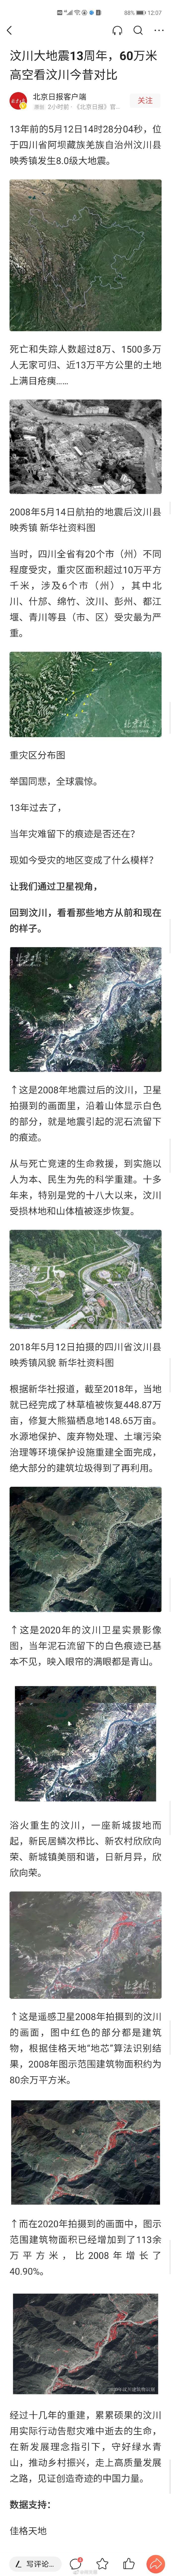 #13年后看汶川#汶川大地震13周年,60万米高空看汶川今昔对比。。#512# 